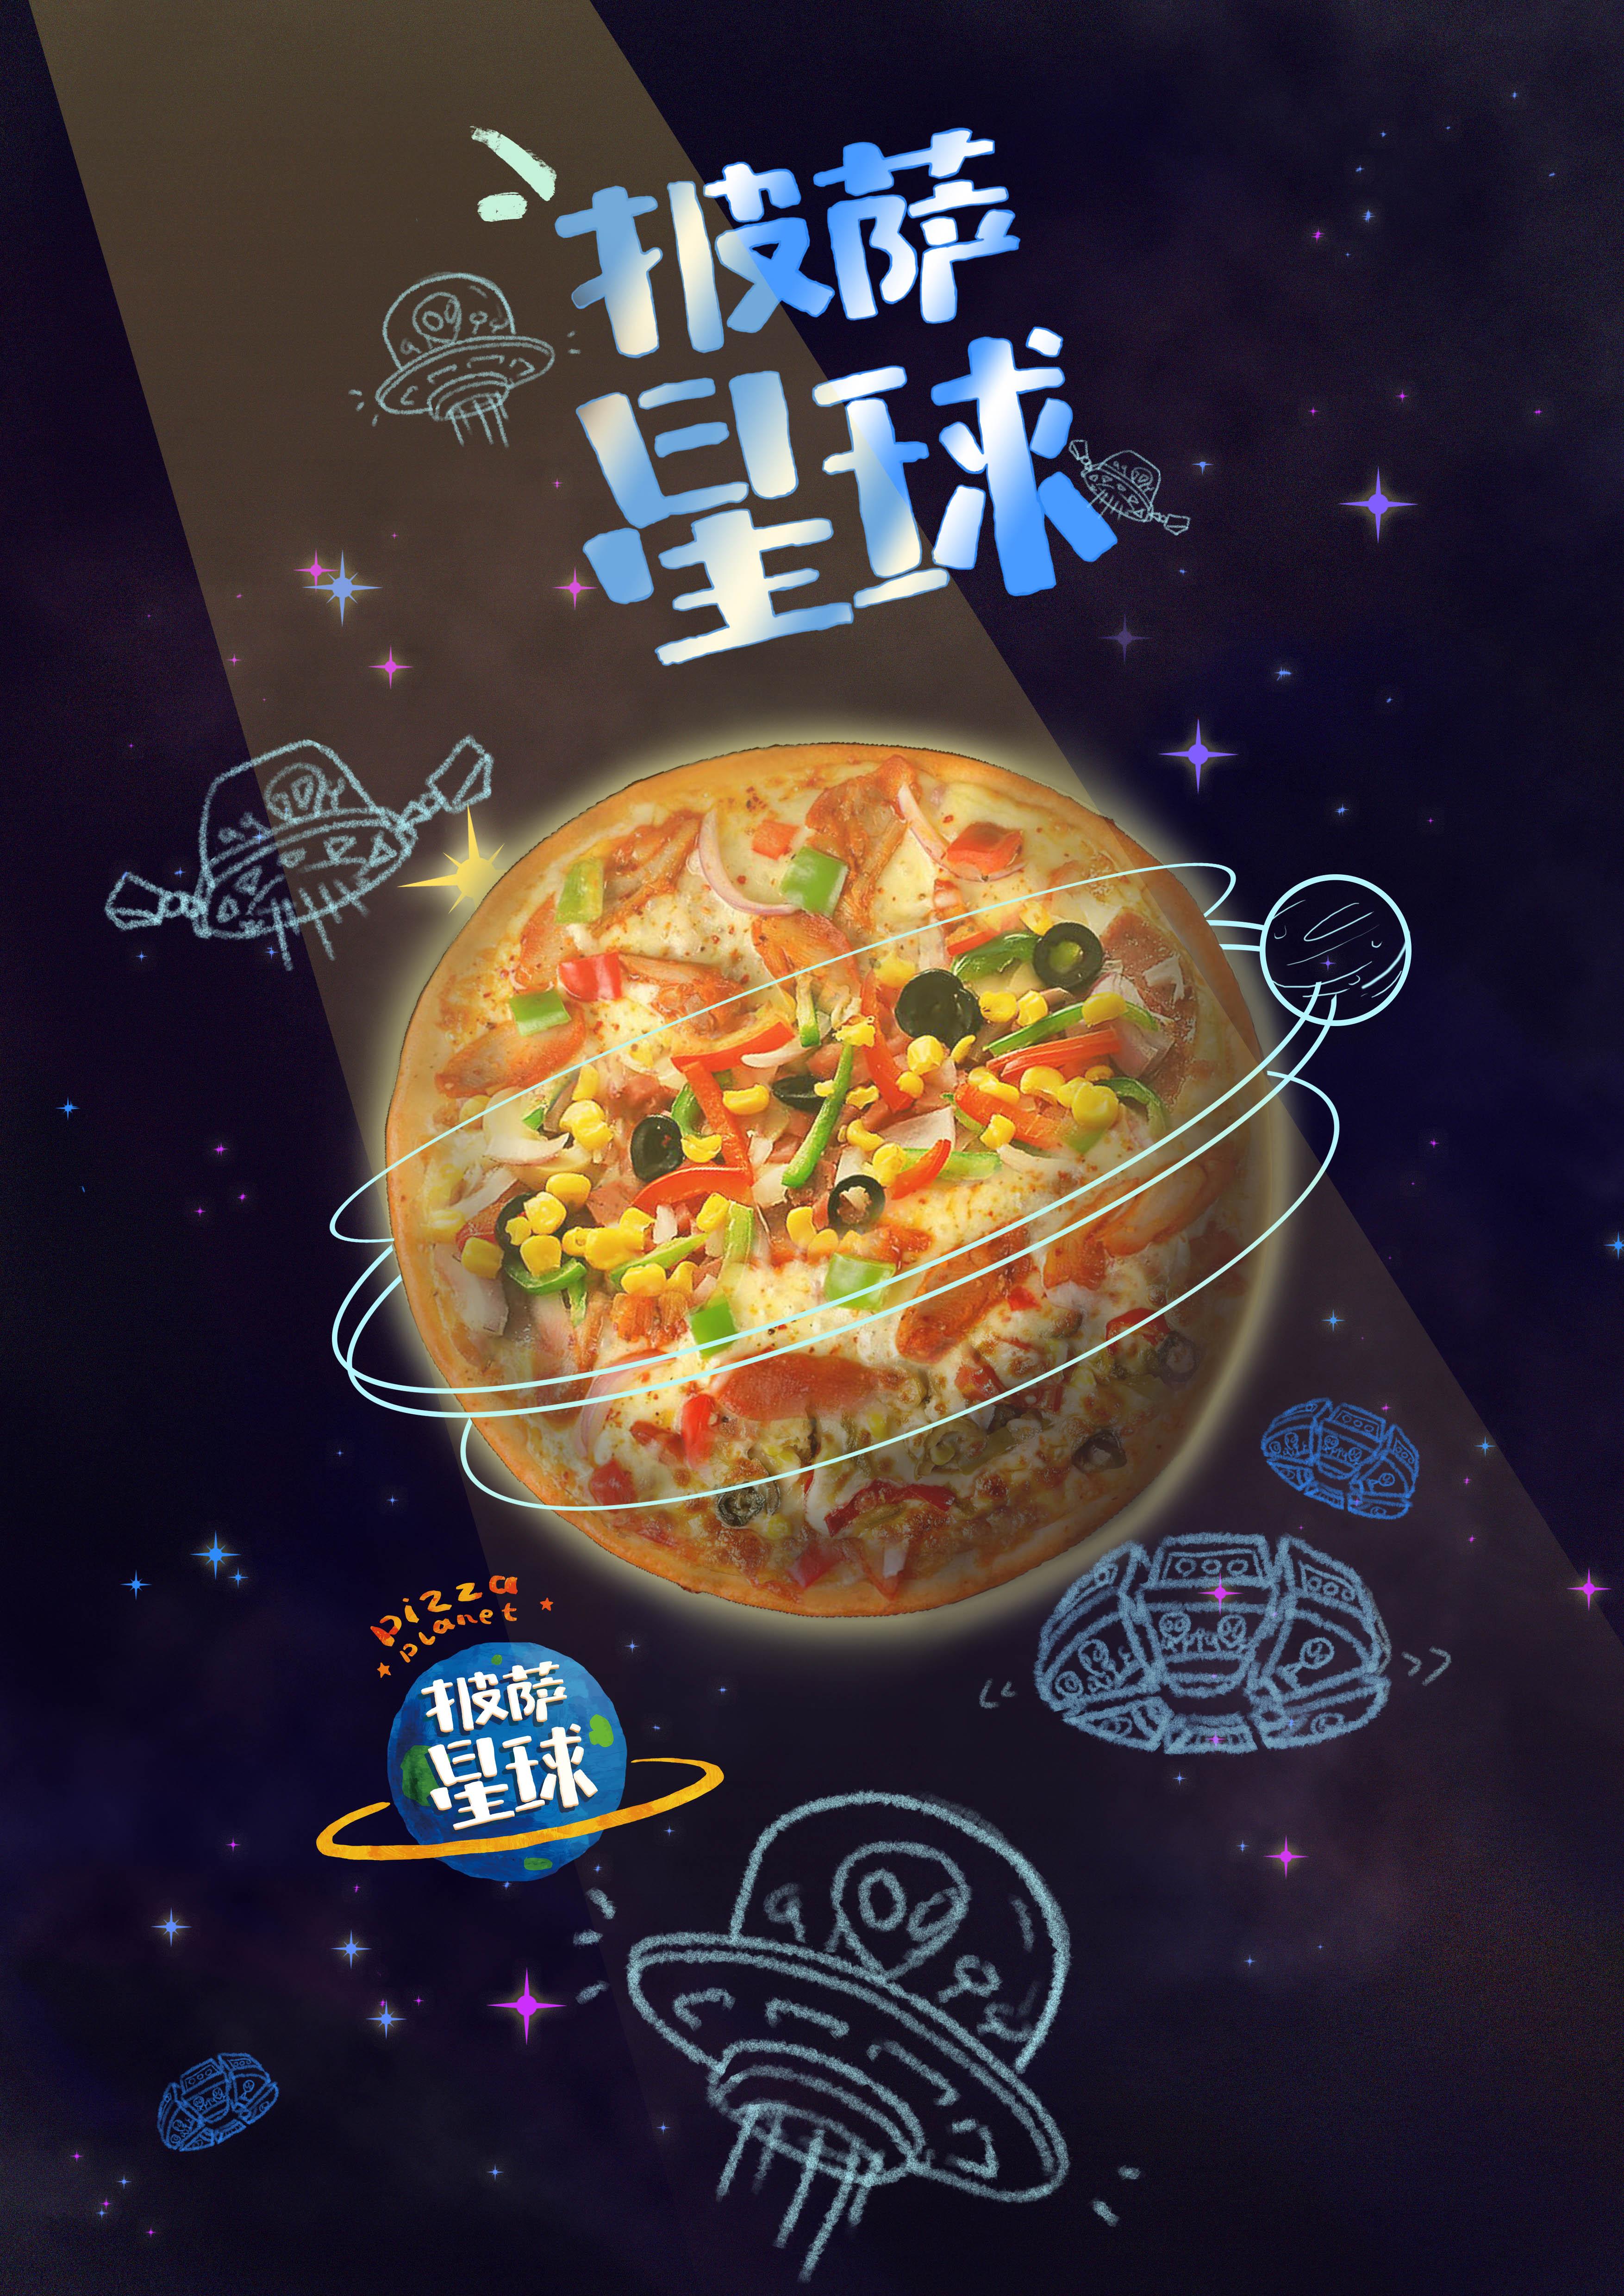 披萨美食价钱星球披萨店铺大学生广告设计海报viv美食招贴图片